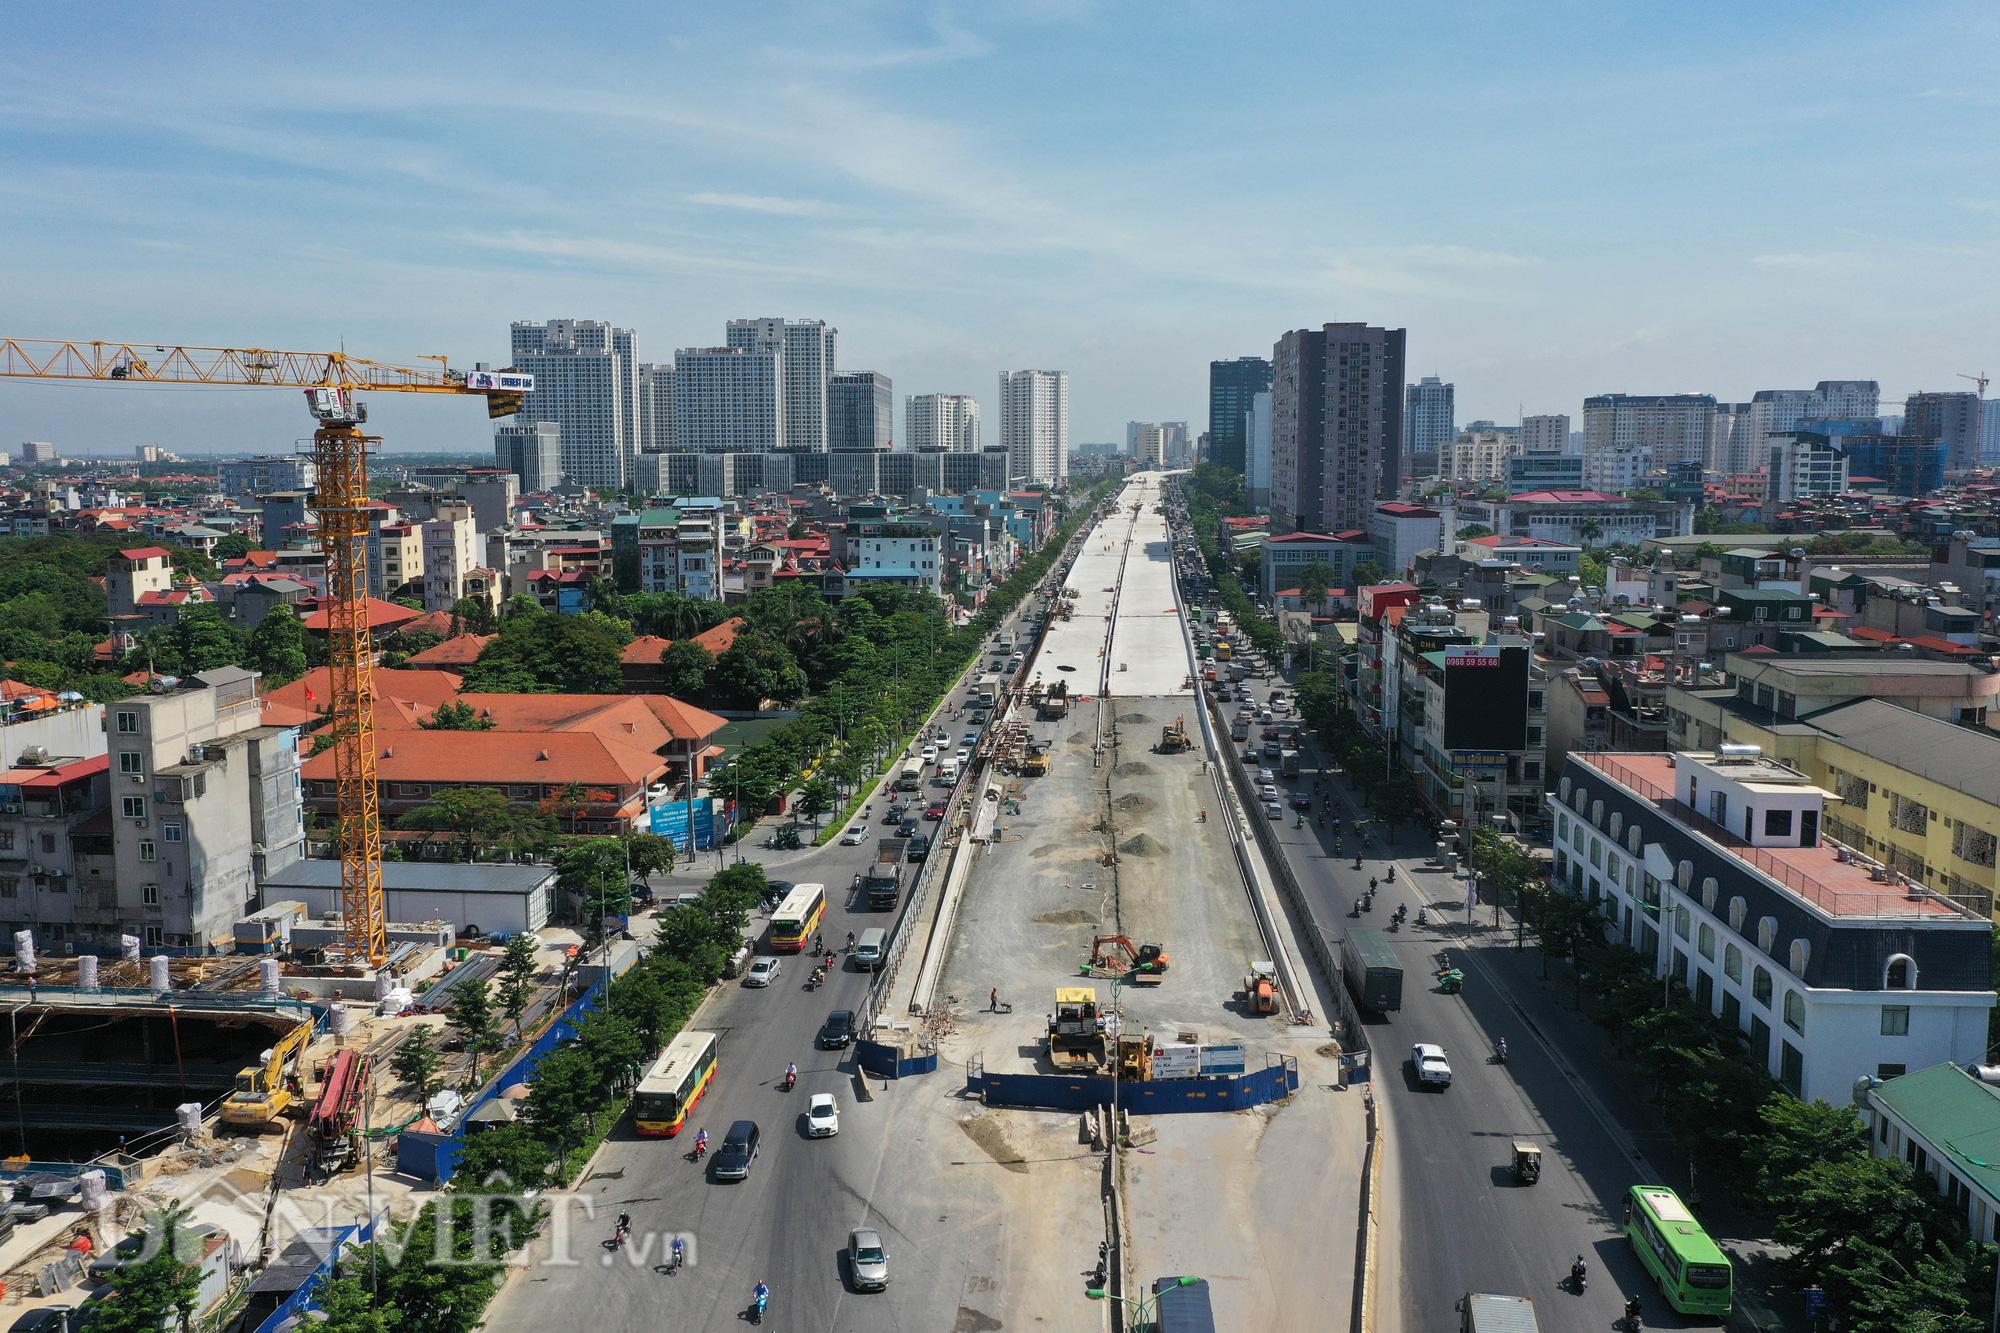 Gấp rút thi công đường vành đai 3 trên cao đón 1010 năm Thăng Long - Hà Nội - Ảnh 2.